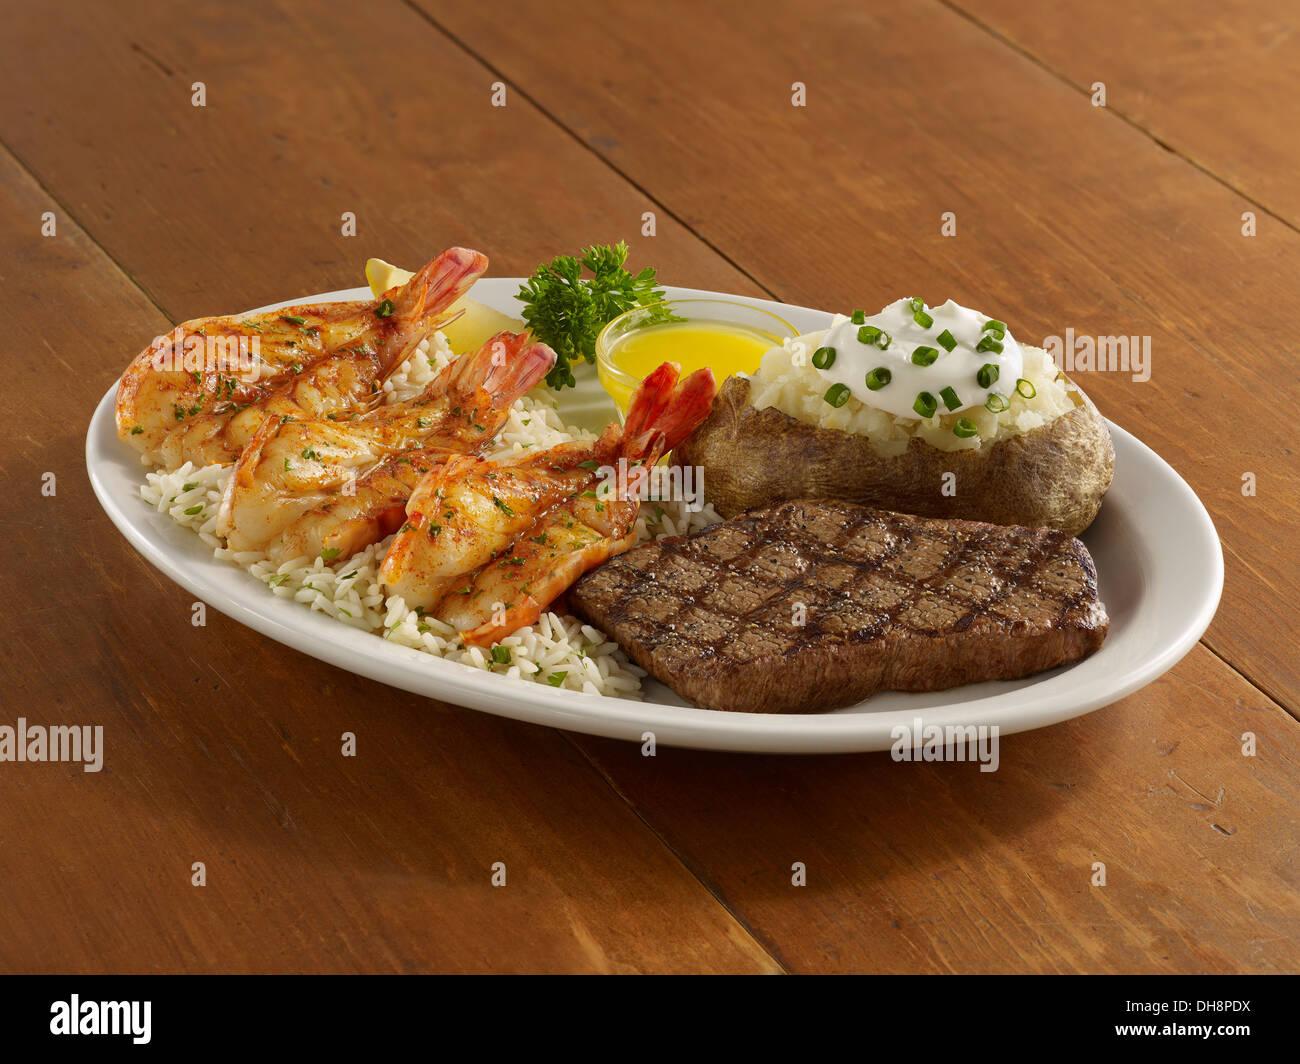 Crevettes grillées et steak avec pomme de terre au four Photo Stock